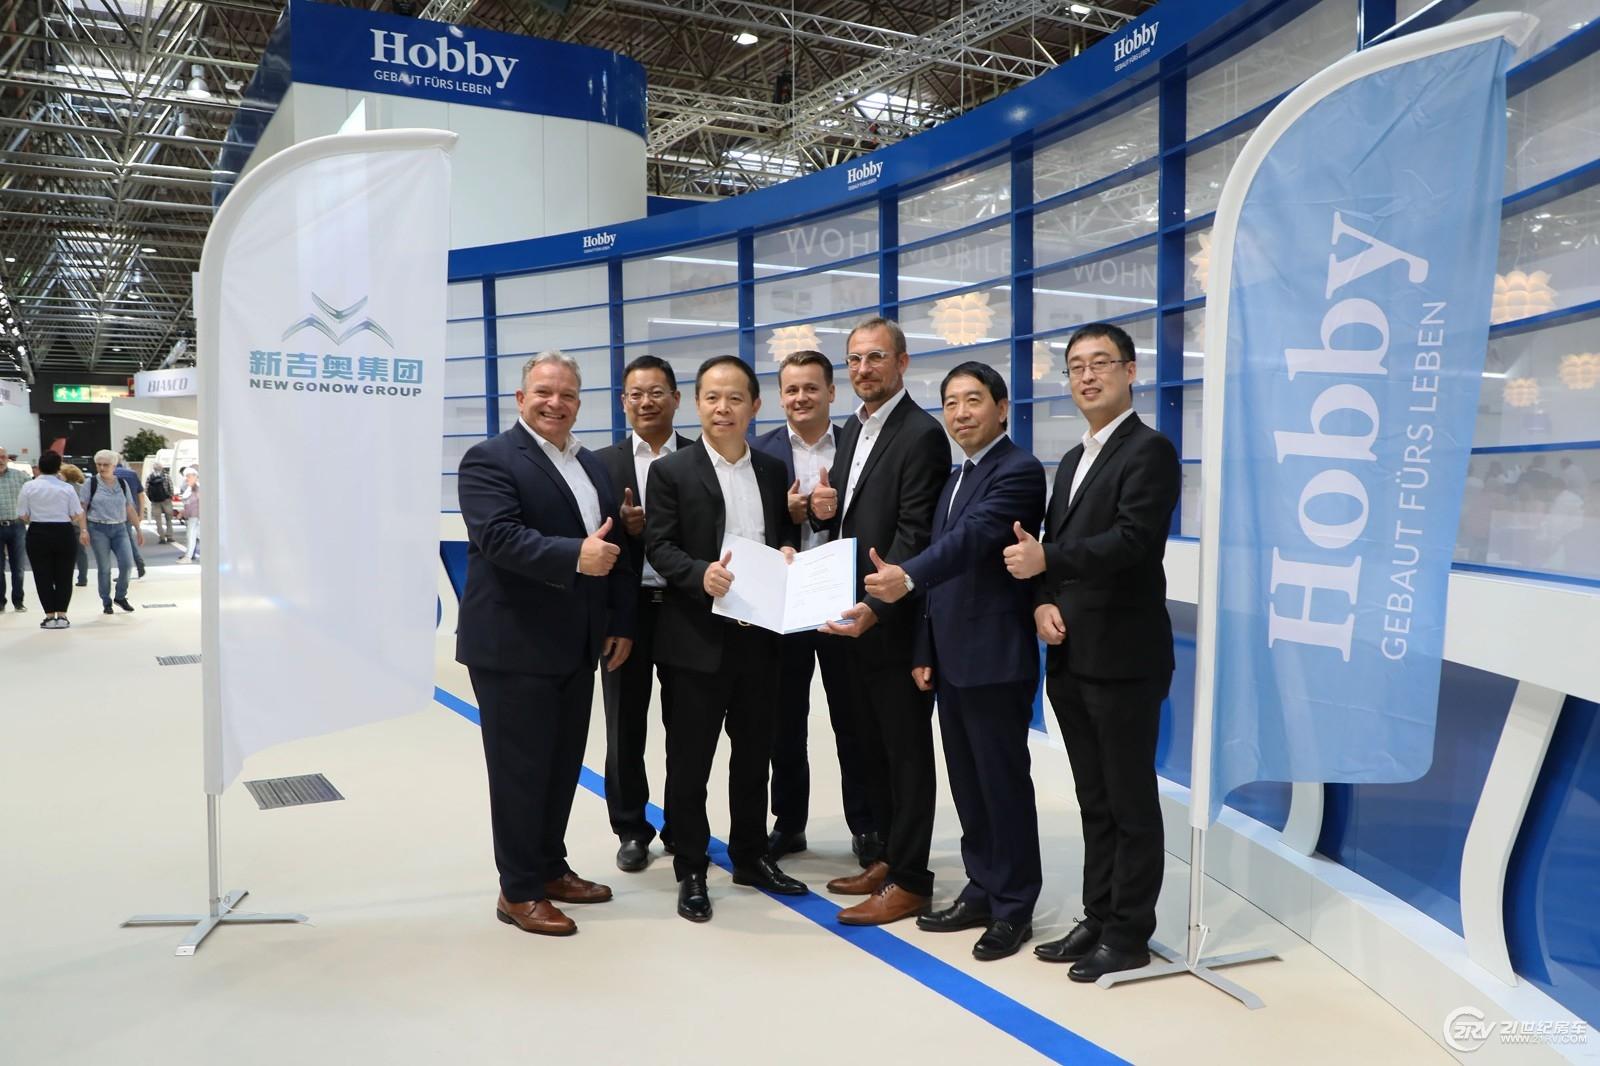 新吉奥集团与德国Hobby公司正式签署战略合作协议